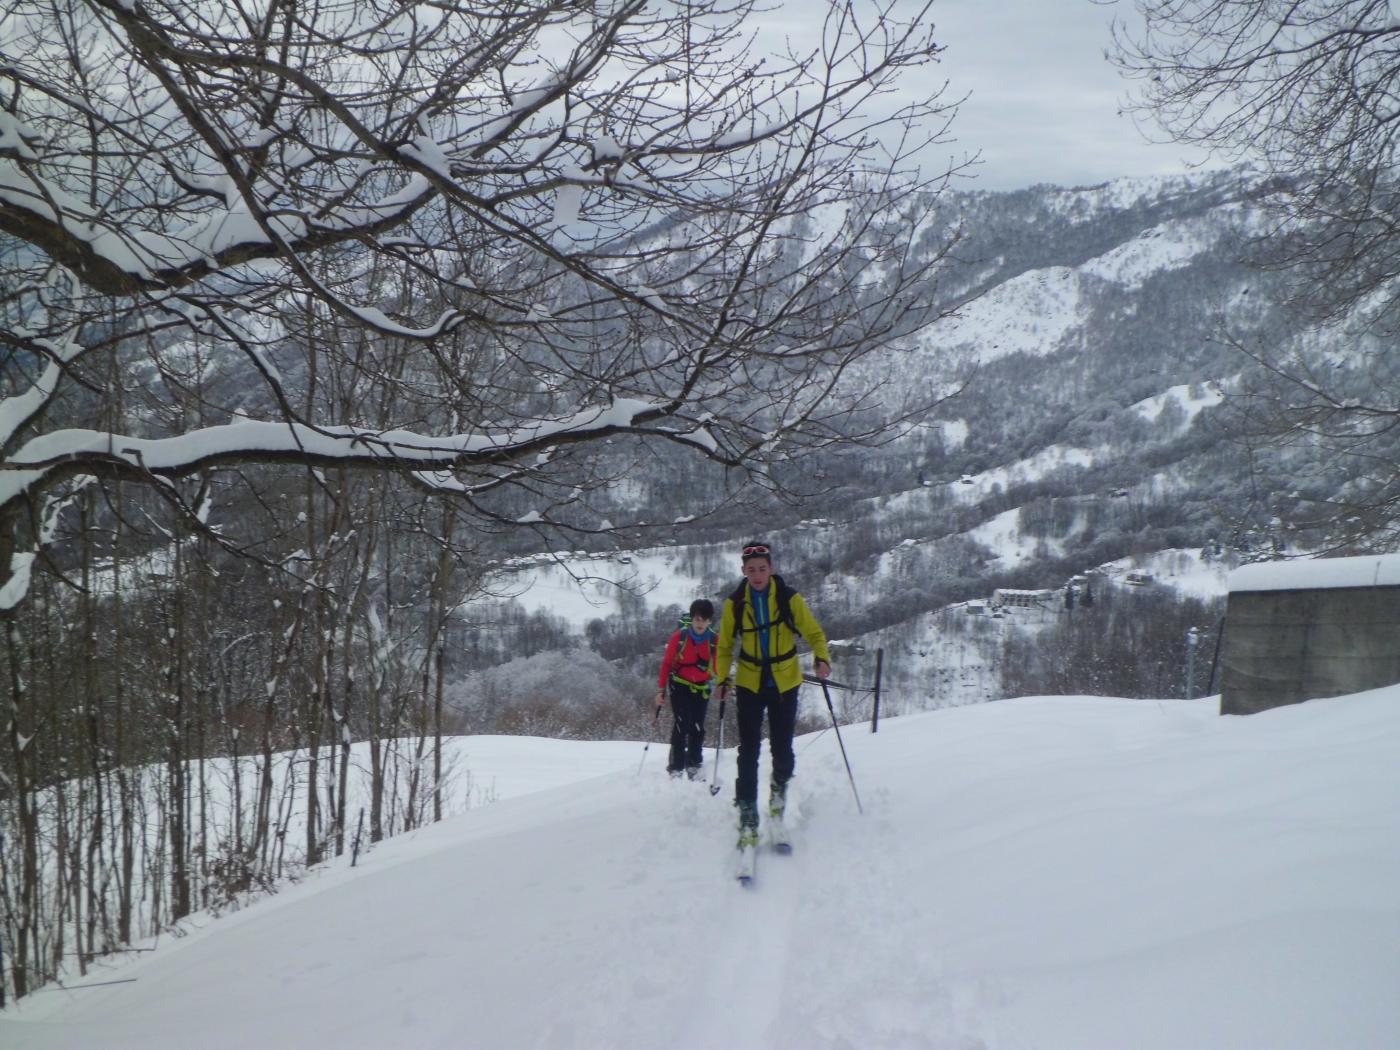 I due baldi giovani.... in lotta con l'alpe